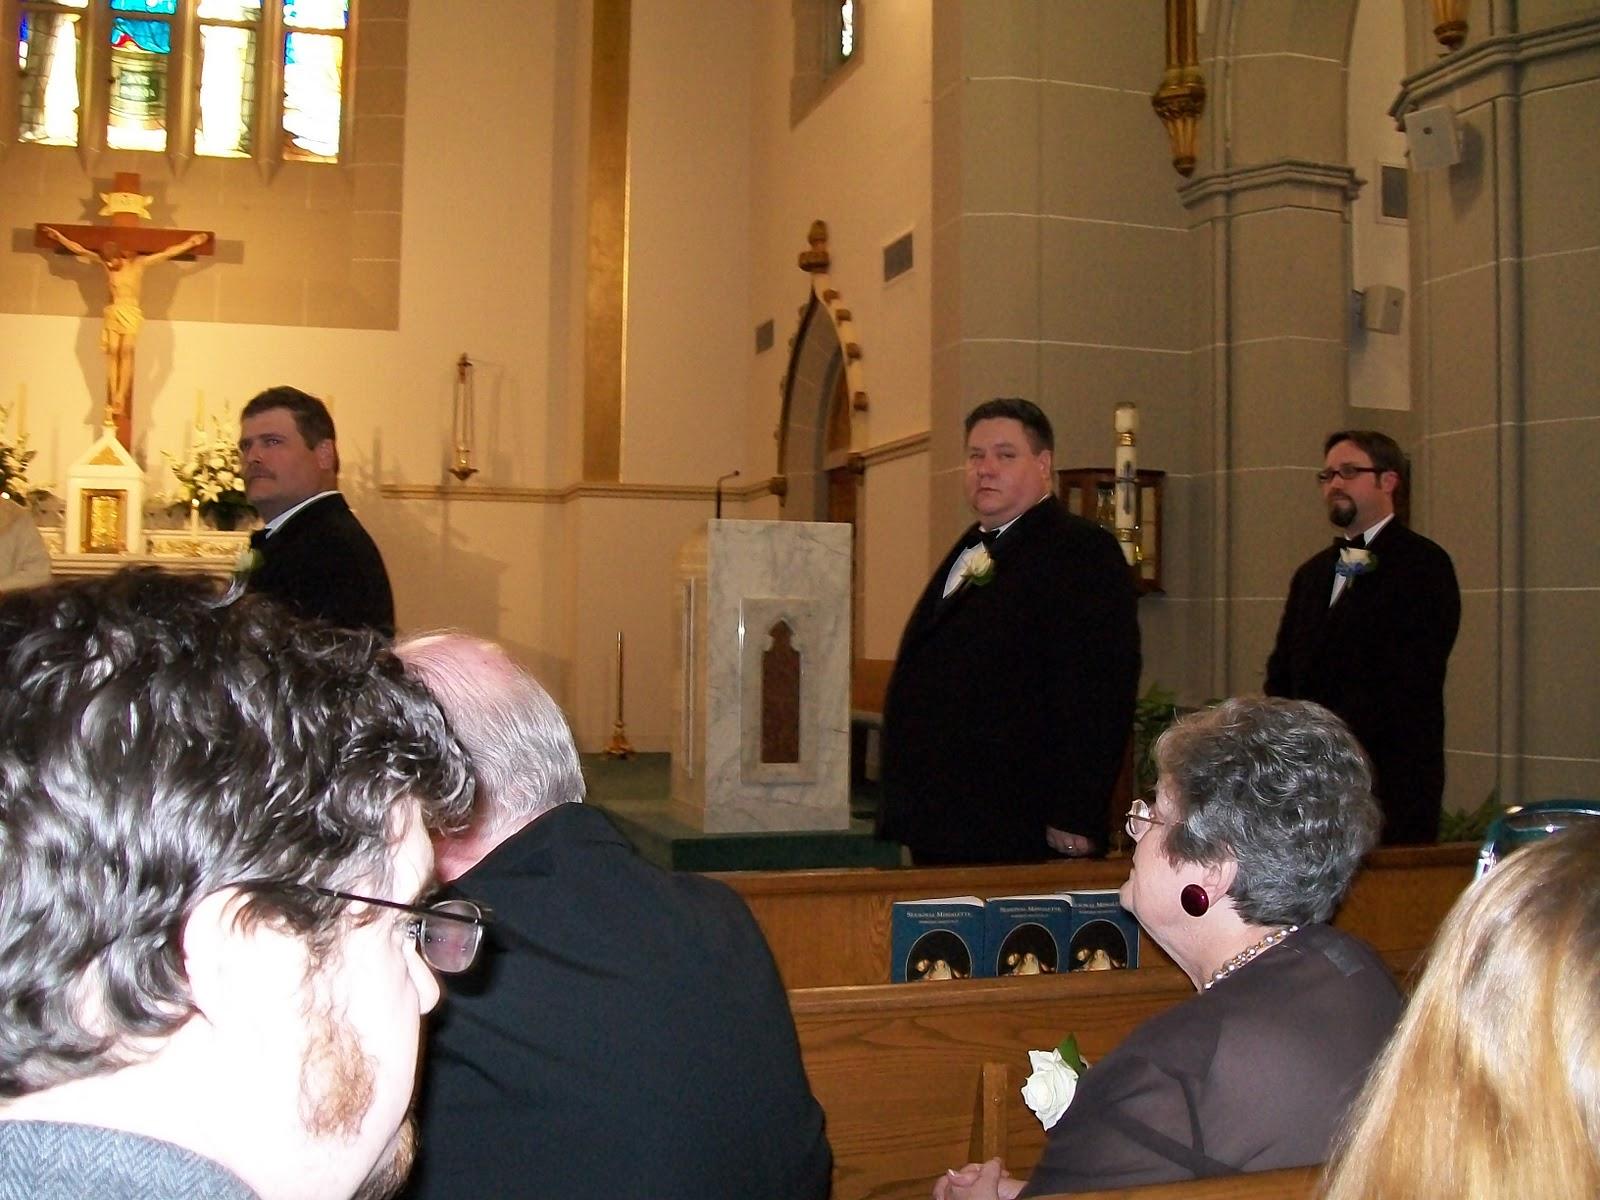 Our Wedding, photos by Joan Moeller - 100_0350.JPG